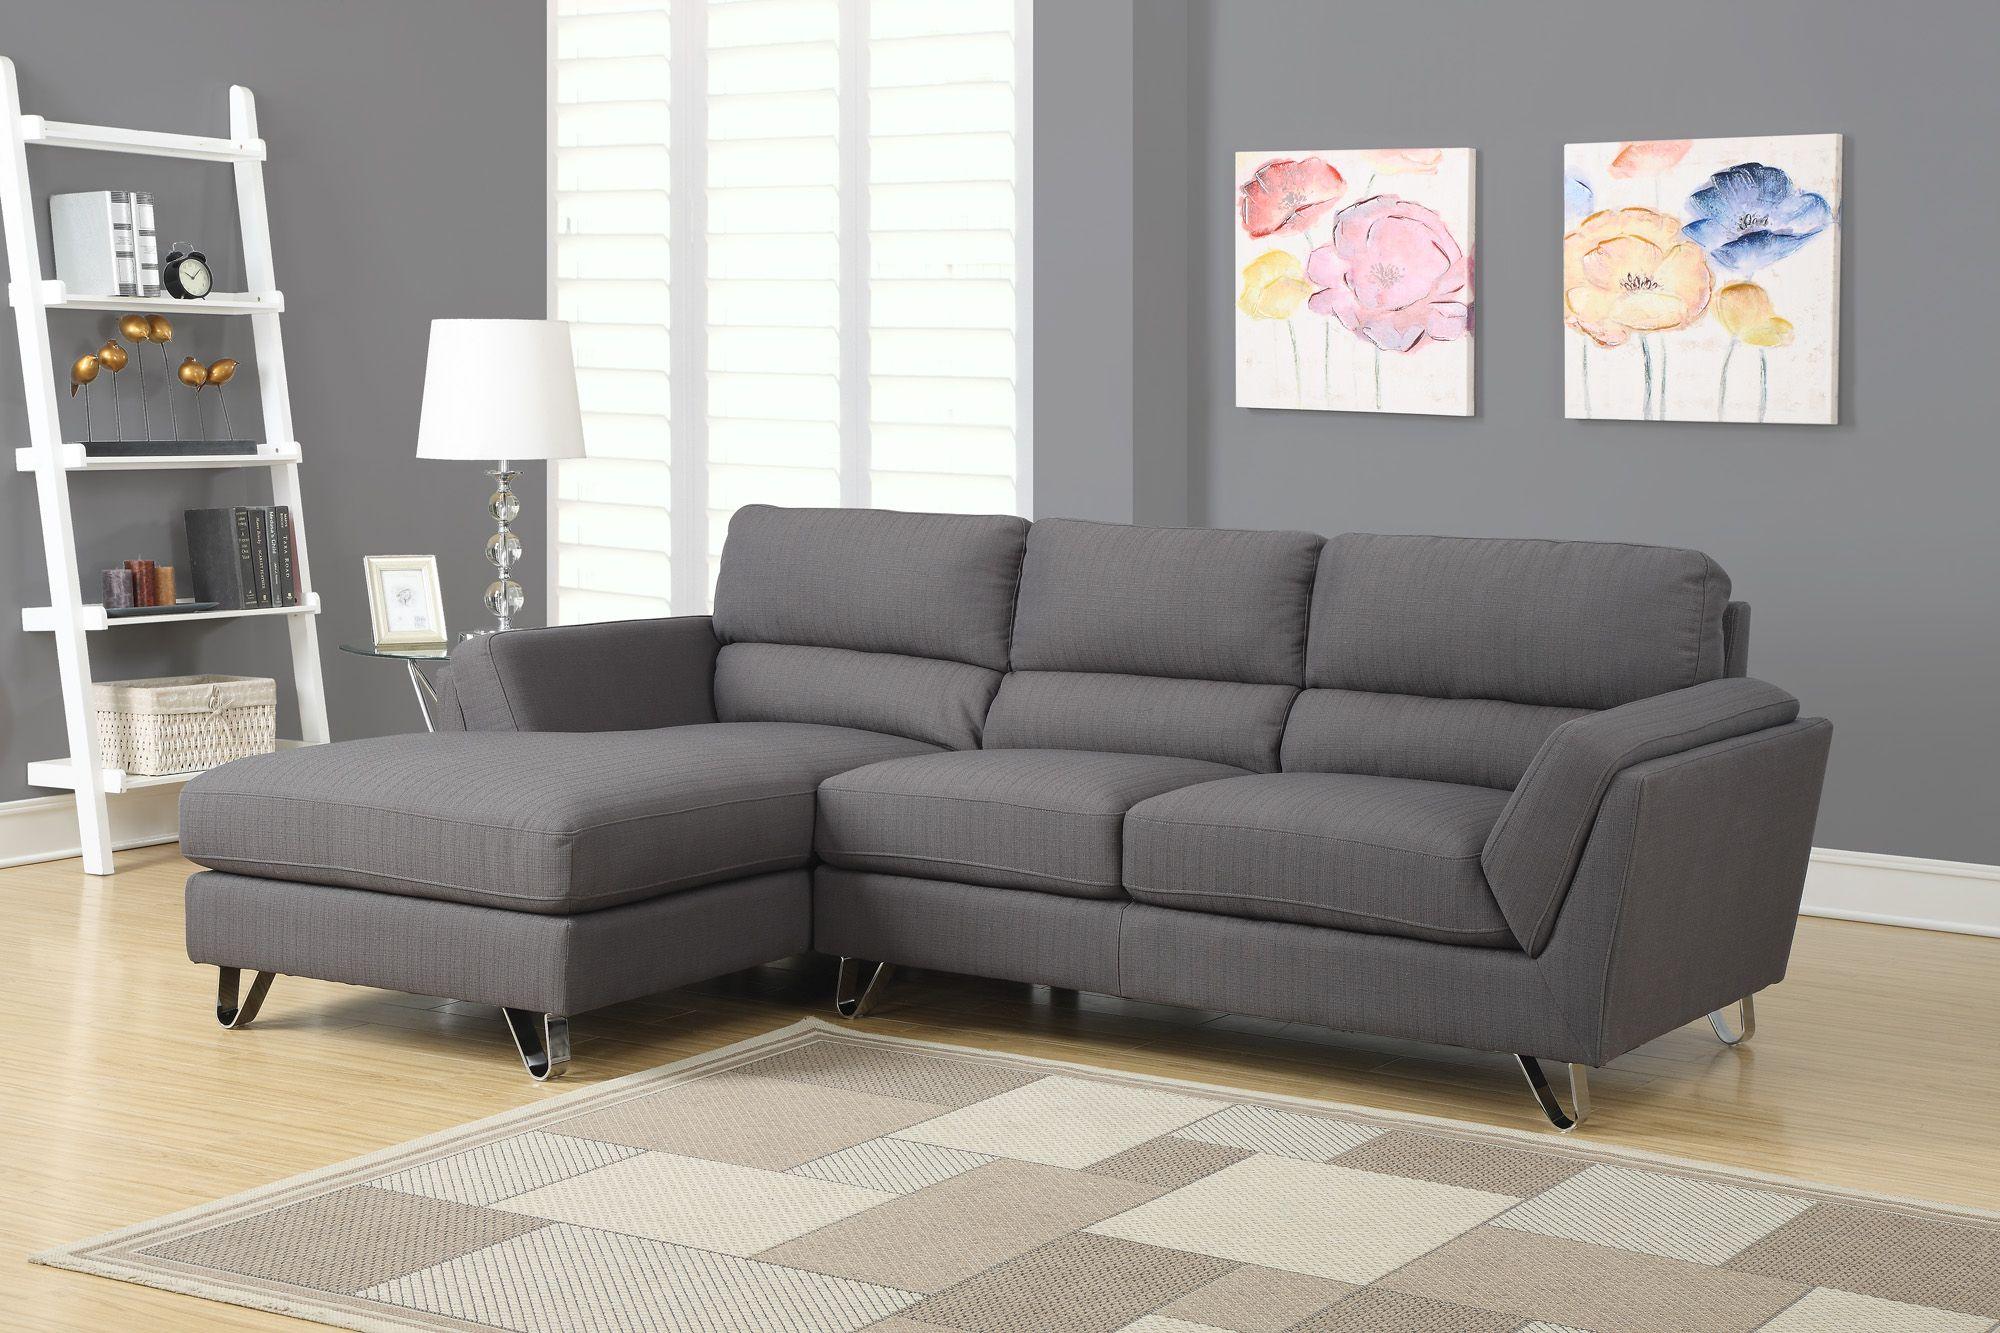 Sofa De Repos En Tissu Gris Fonc Charcoal Gray Linen